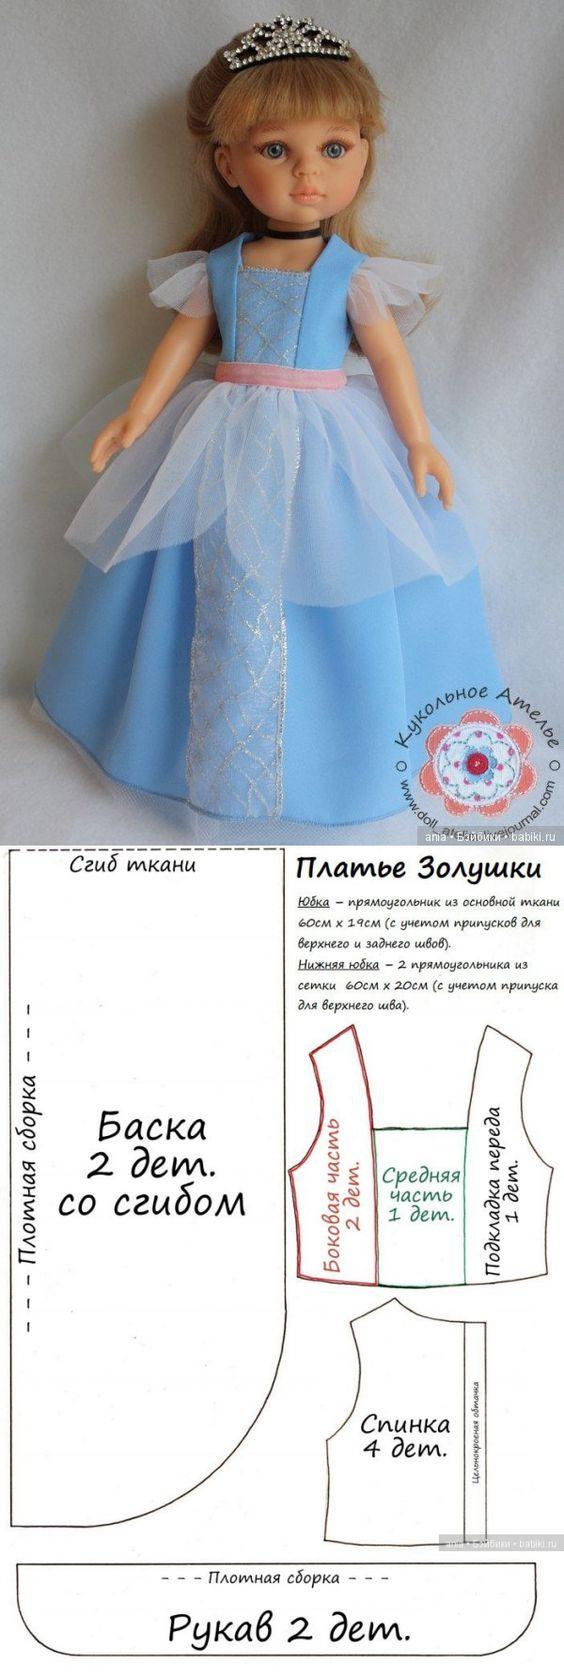 Выкройка платья Золушки для кукол Паола Рейна 32 см / Выкройки одежды для кукол-детей, мастер классы / Бэйбики. Куклы фото. Одежда для кукол